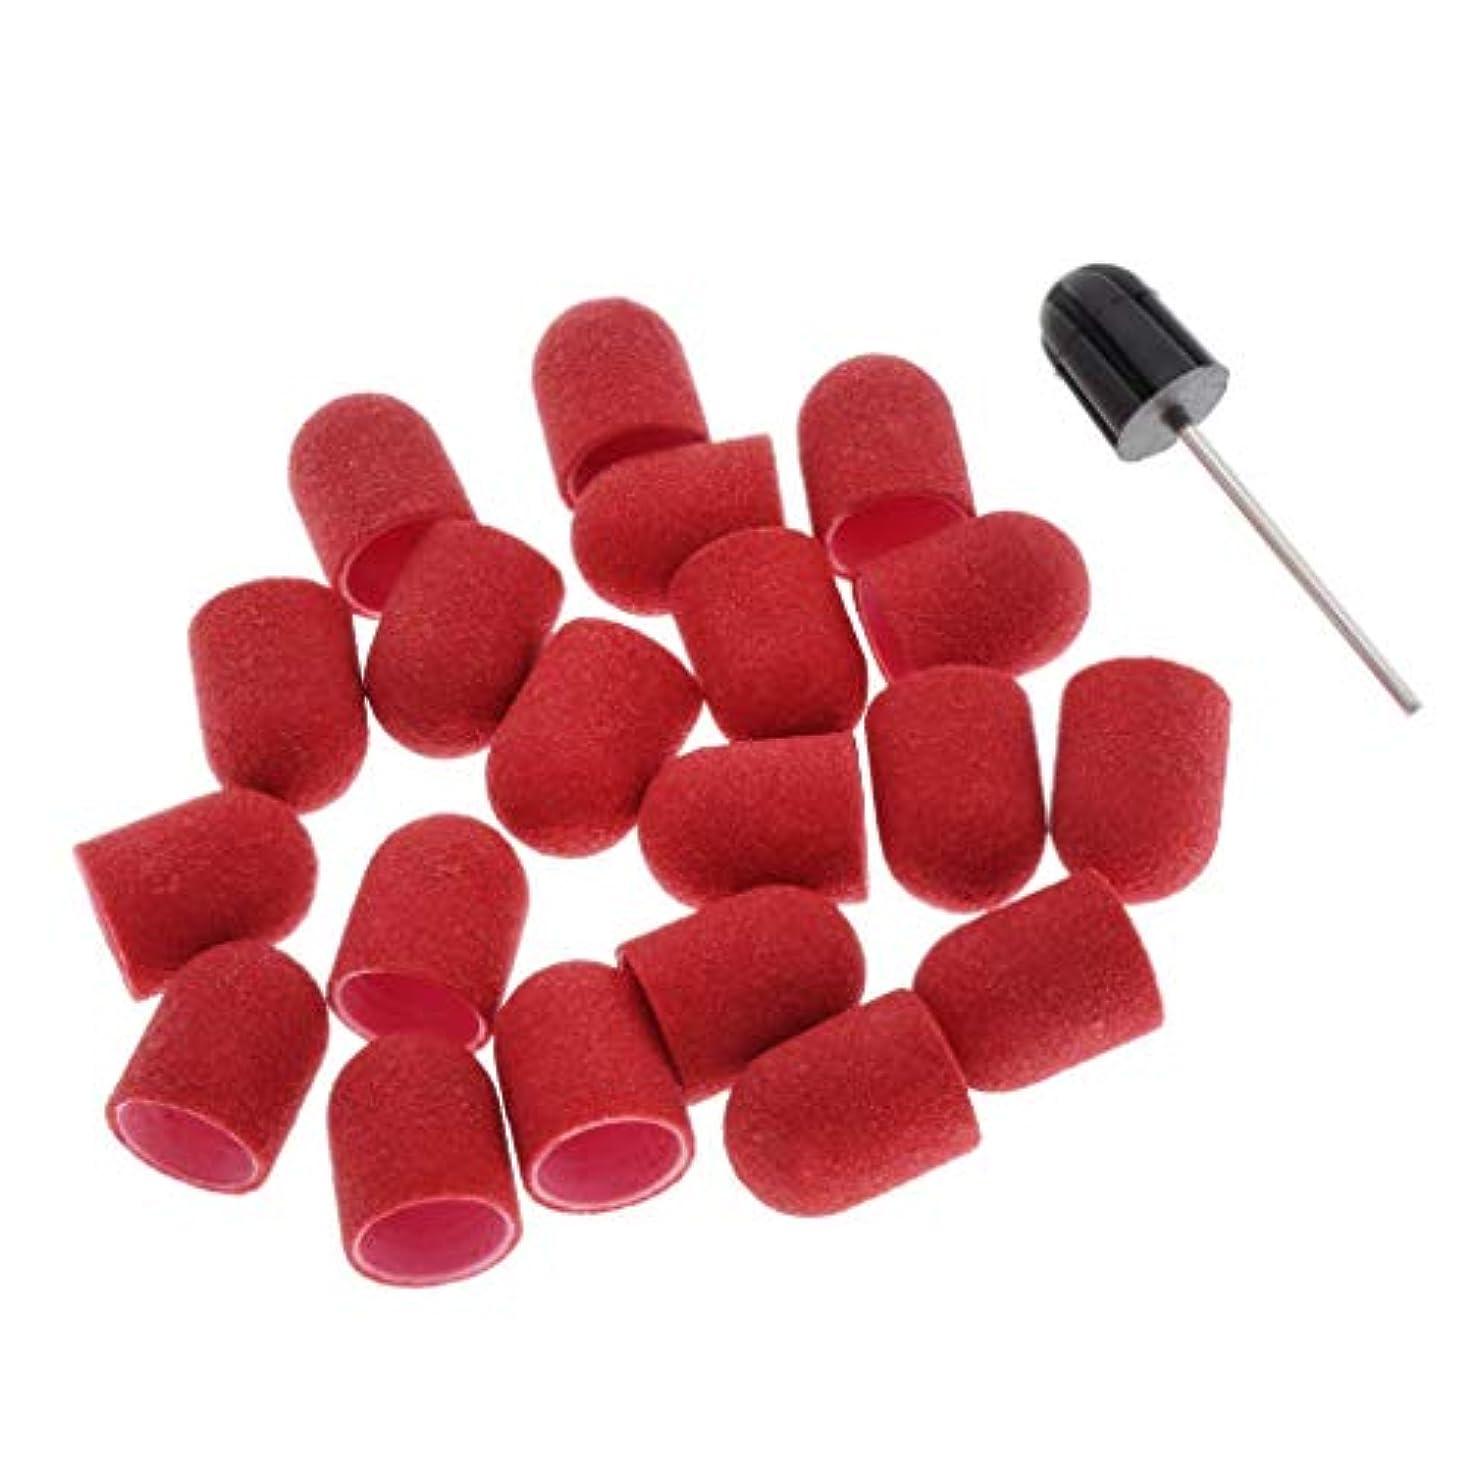 所持トランペットスカウトToygogo ネイルアート ネイルドリルサンディングキャップ サンディングバンド ネイル 研磨用 全5カラー - 赤